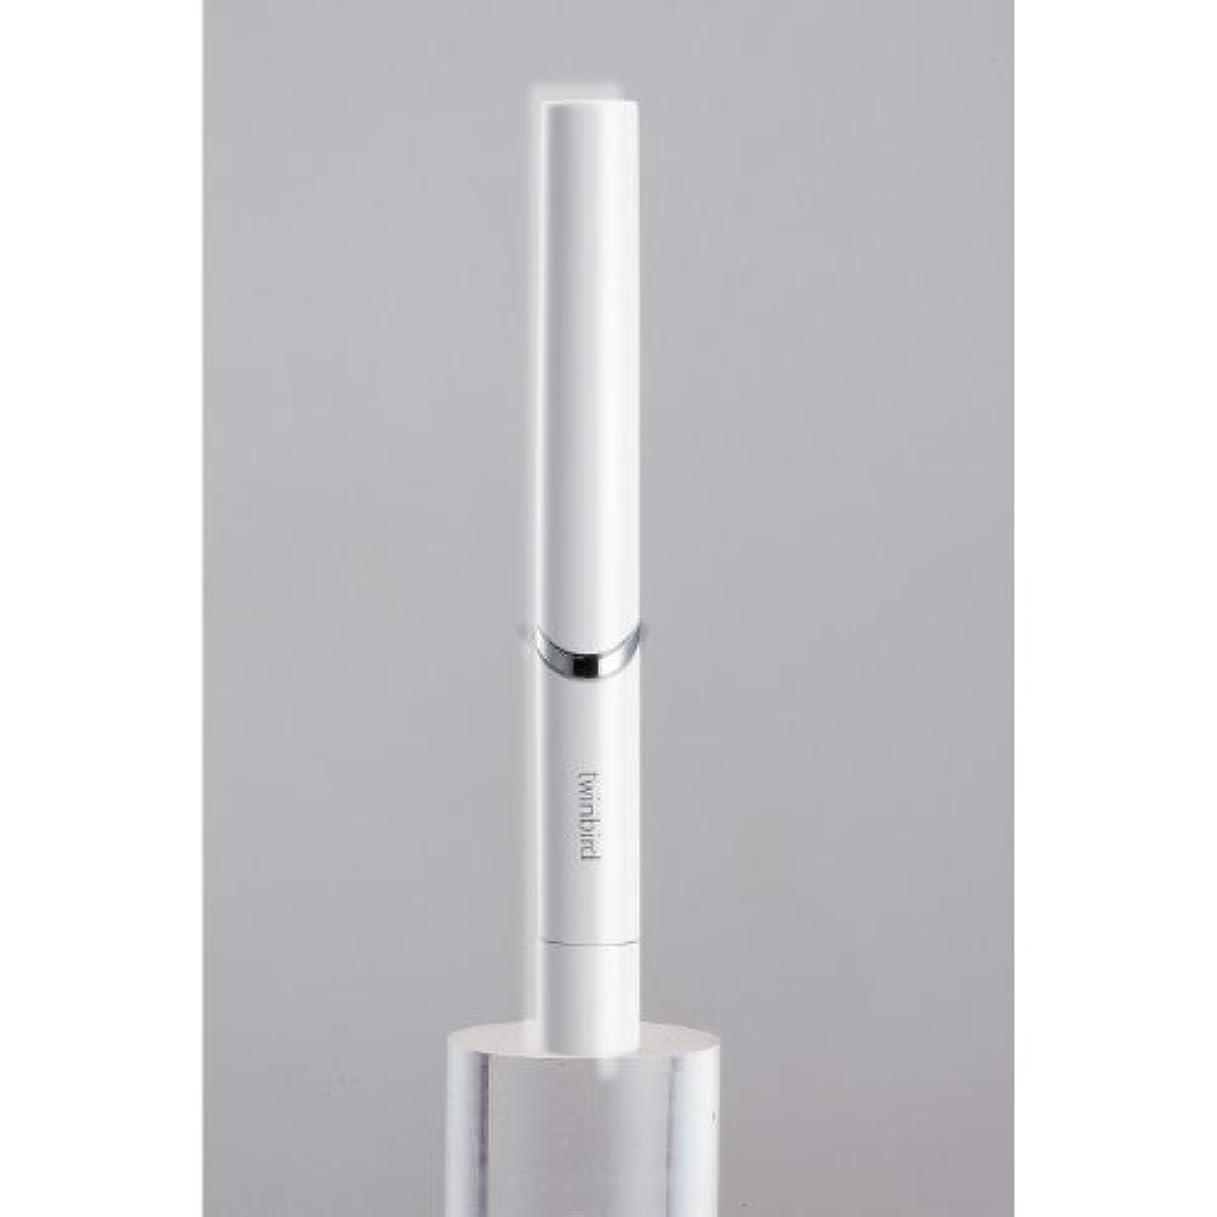 中世の商品ライバルツインバード 音波振動式歯ブラシ BD-2741 ホワイト?BD-2741W